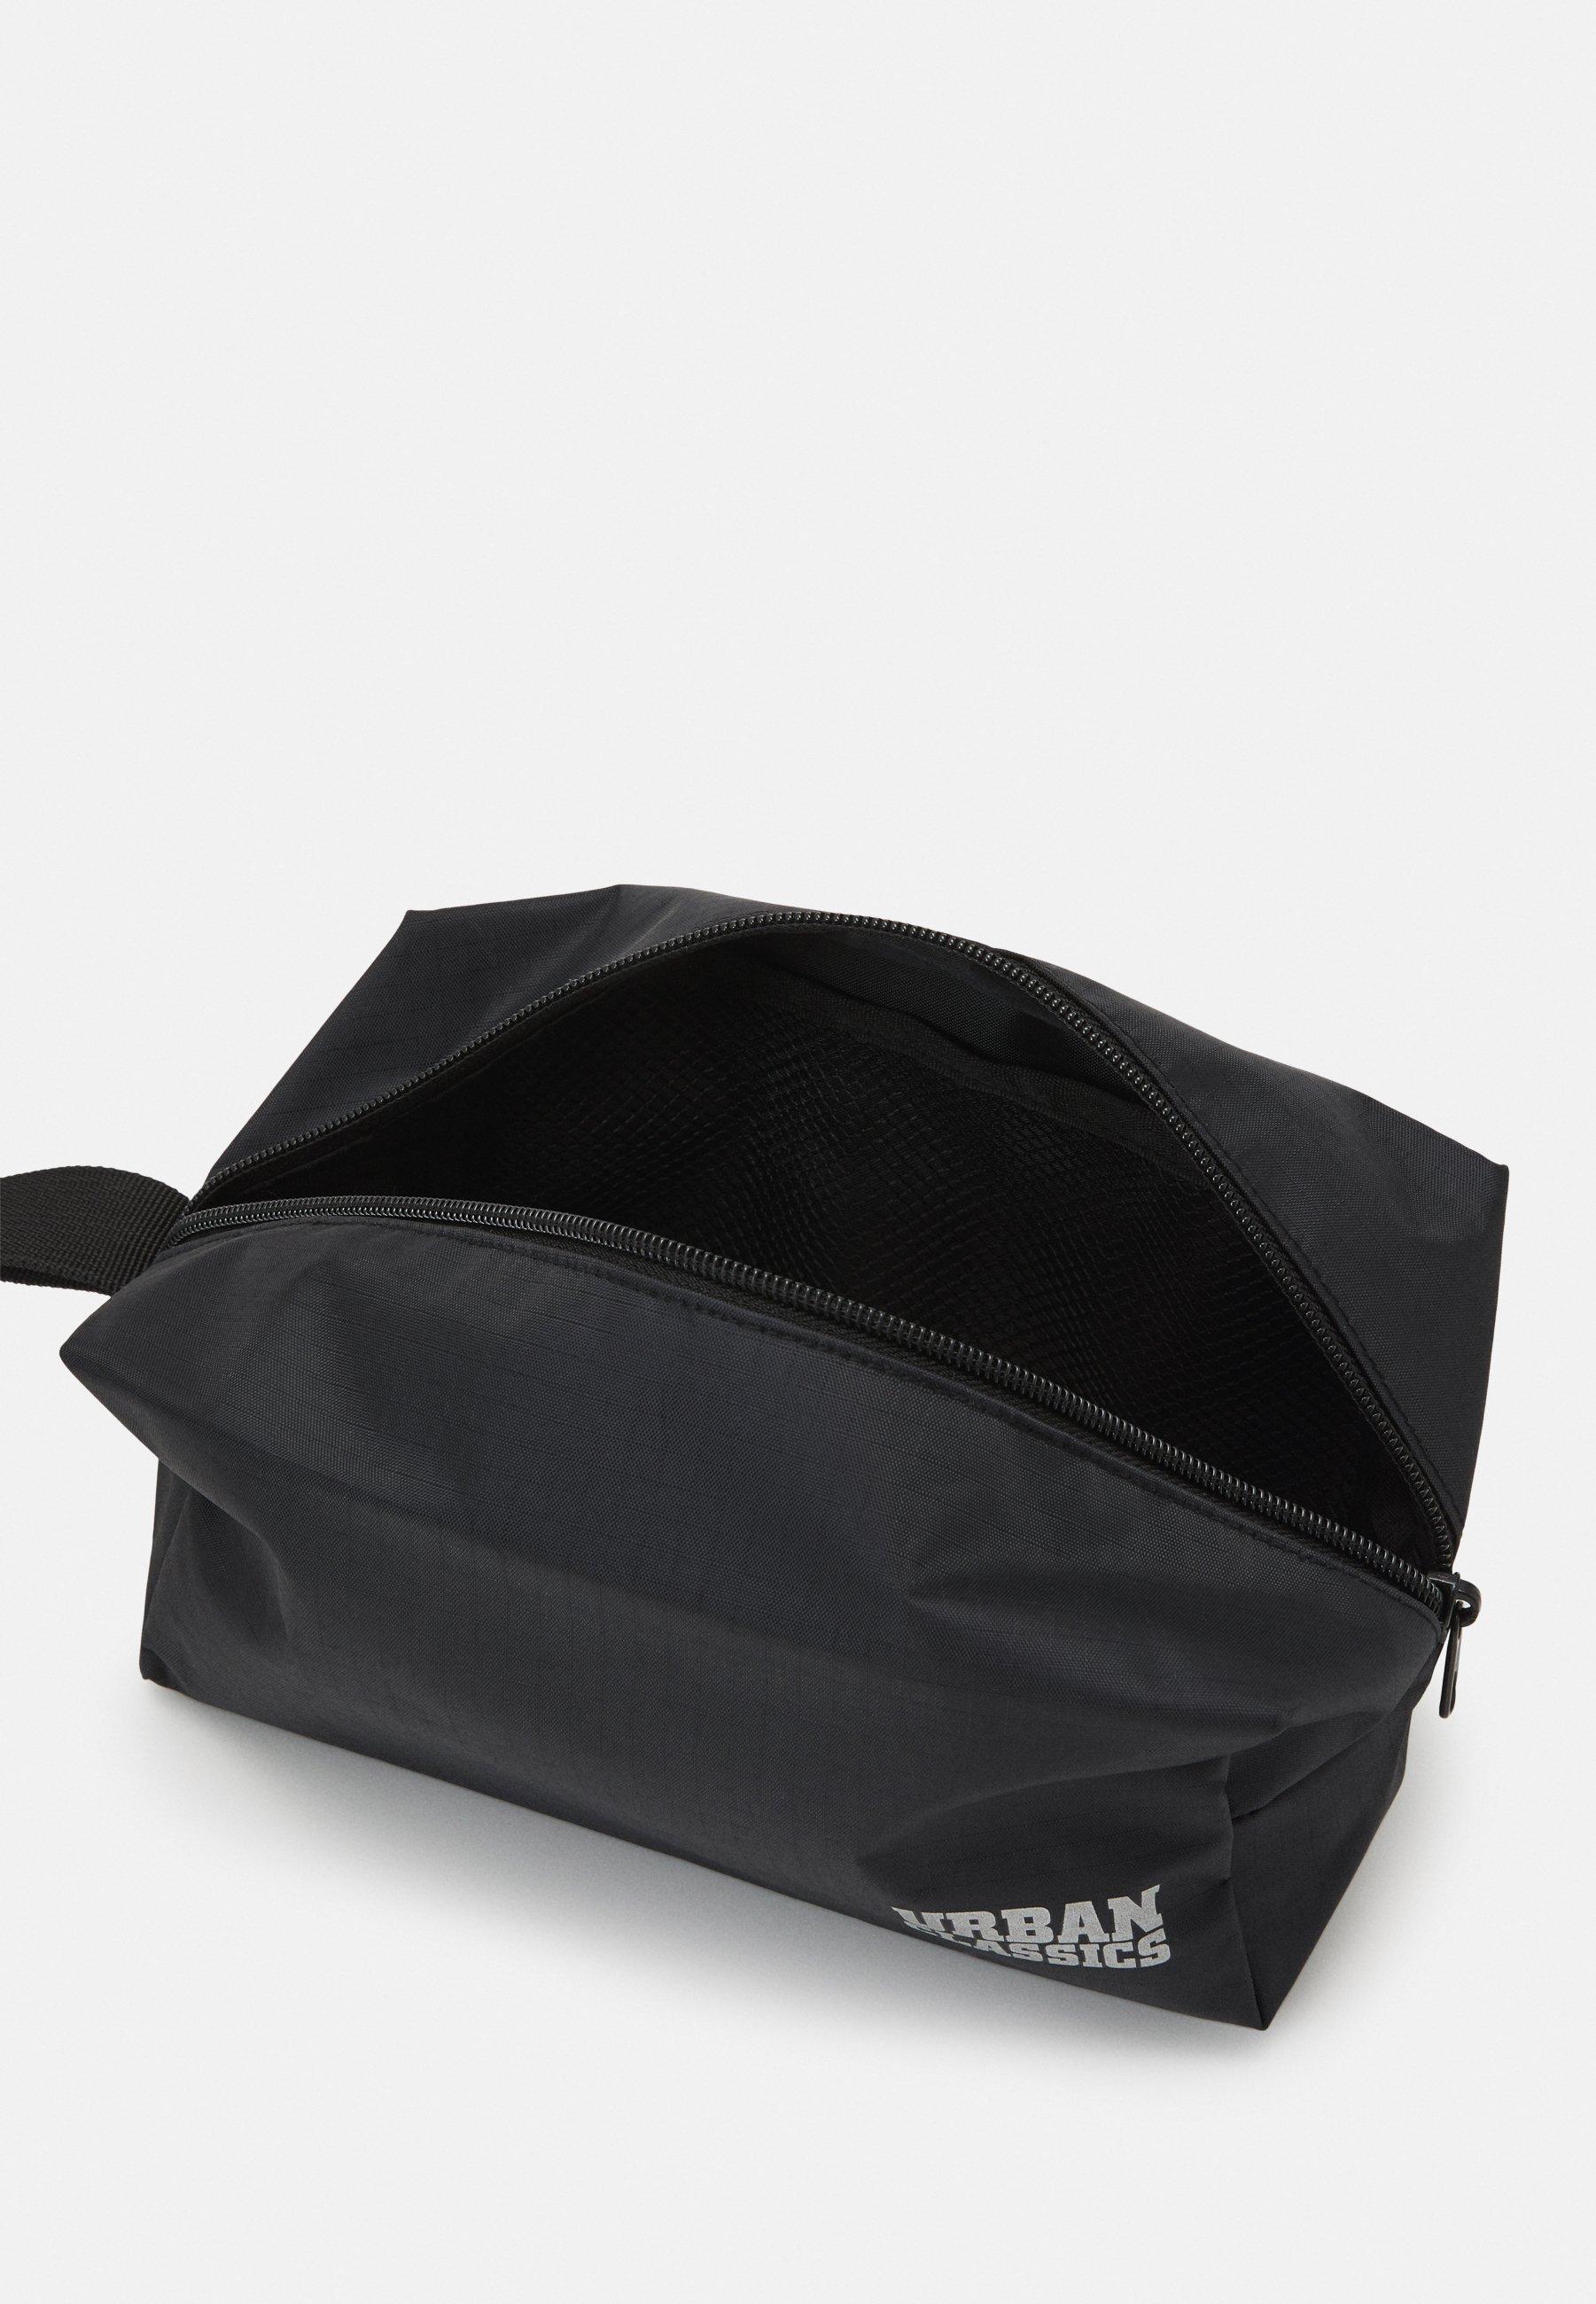 Homme COSMETIC BAG - Accessoire de voyage